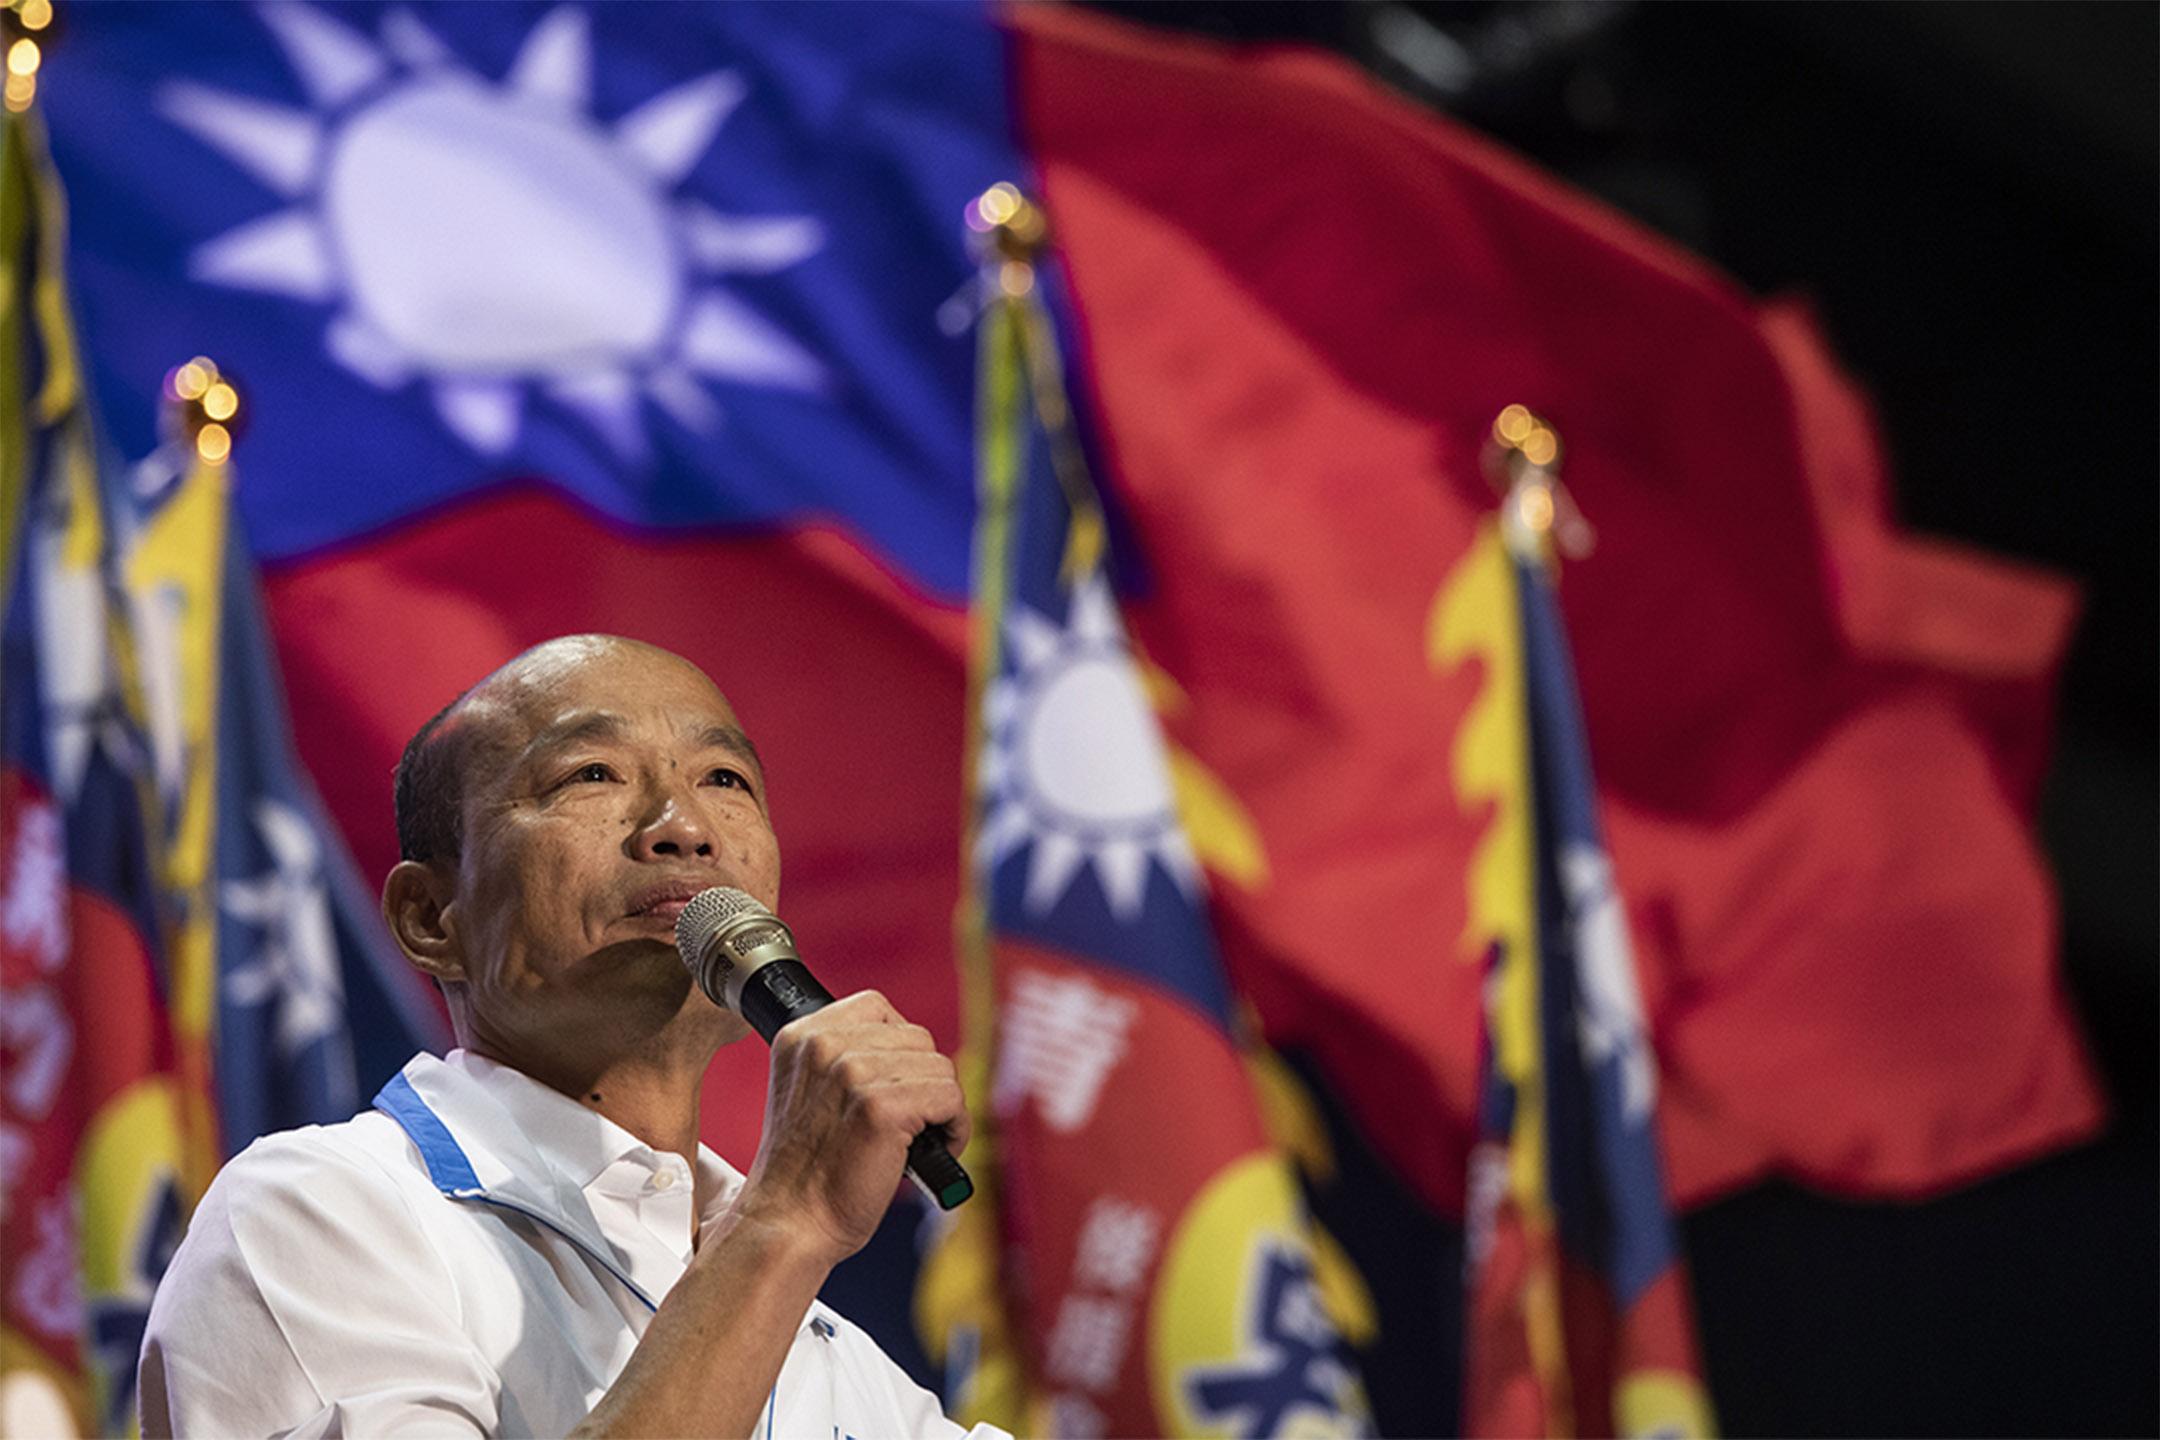 2019年12月15日,韓國瑜到雲林的造勢活動上演講。